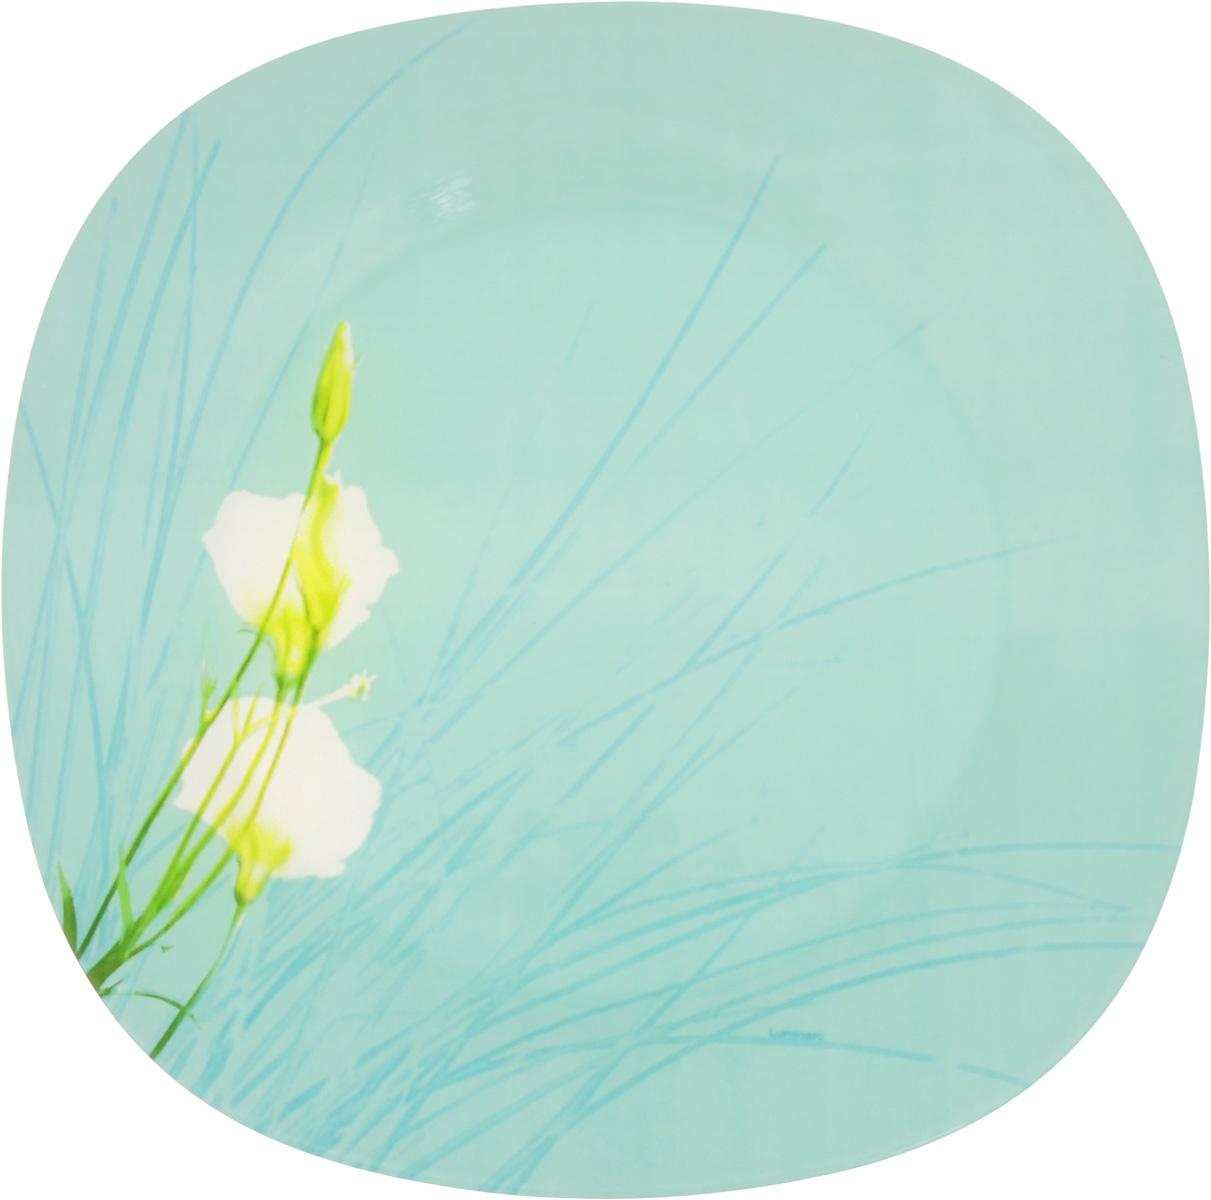 """Элегантная тарелка Luminarc """"Sofiane Blue"""" выполнена изударопрочного стекла и оформлена в классическом стиле.Изделие сочетает в себе изысканный дизайн с максимальнойфункциональностью. Она прекрасно впишется винтерьер вашей кухни и станет достойным дополнениемк кухонному инвентарю. Тарелка Luminarc """"Sofiane Blue"""" подчеркнет прекрасный вкус хозяйкии станет отличным подарком. Размер (по верхнему краю): 25,2 х 25,2 см."""